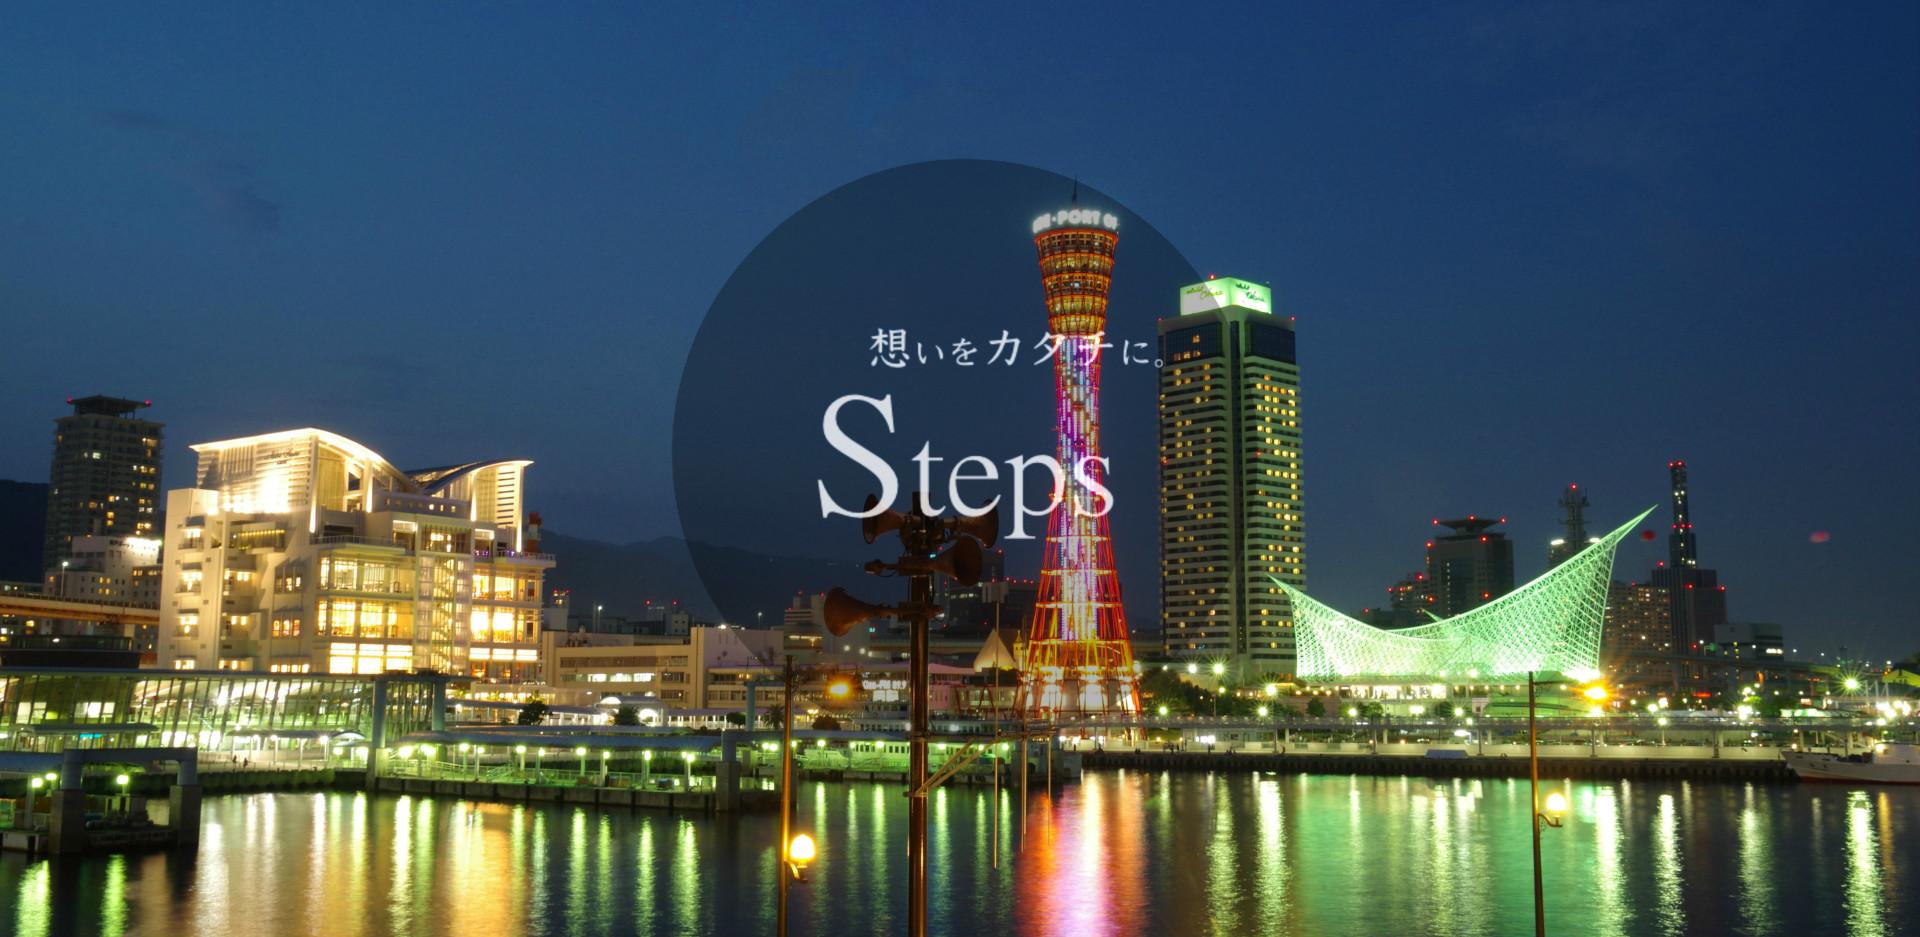 株式会社Stepsのホームページリンク